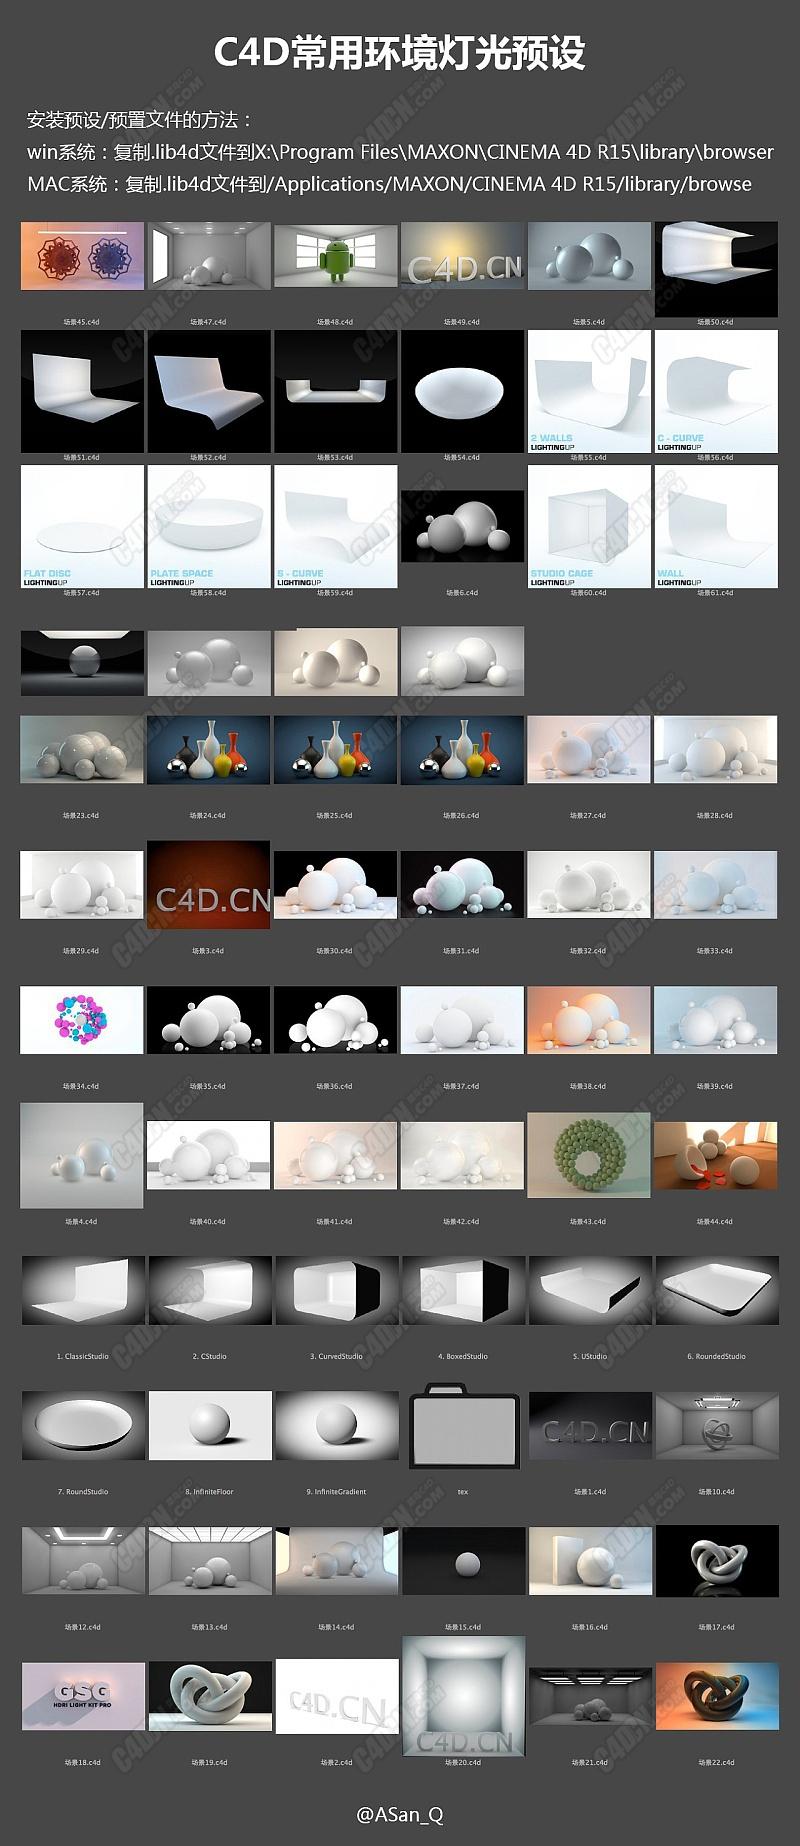 C4D环境预设-69组灯光HDR渲染预置合集下载